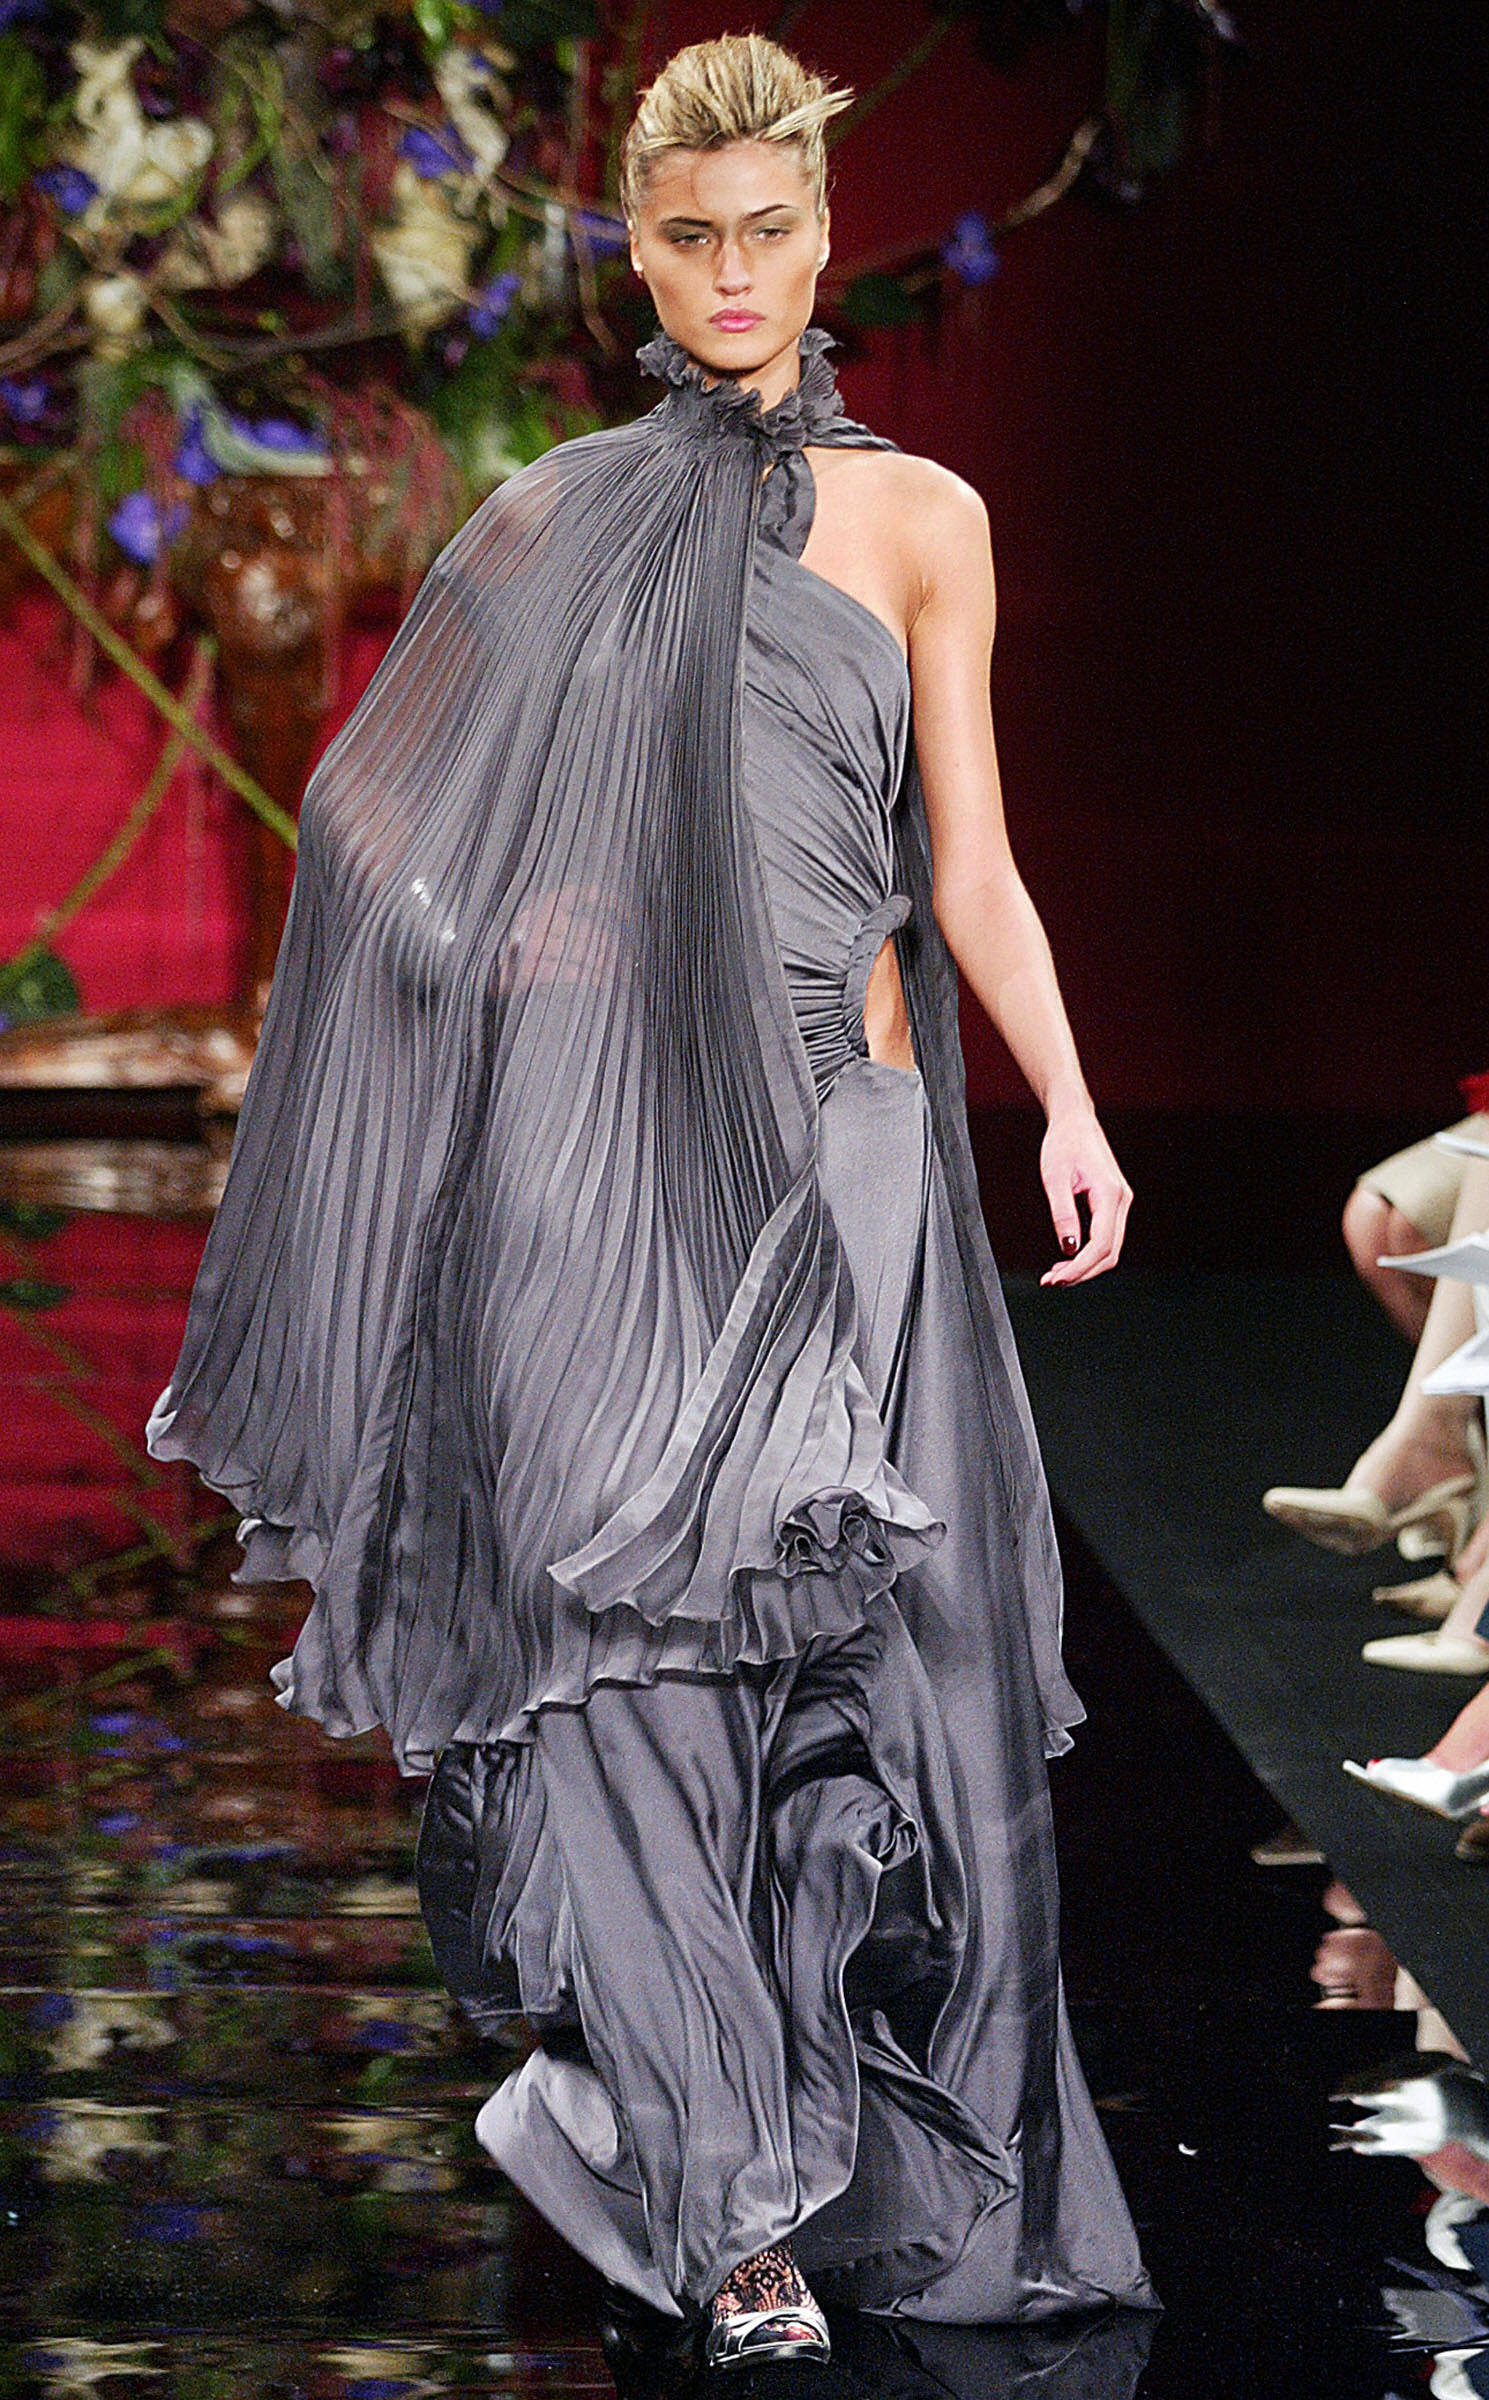 Модний будинок Givenchy. Фото: PIERRE VERDY / AFP / Getty Images